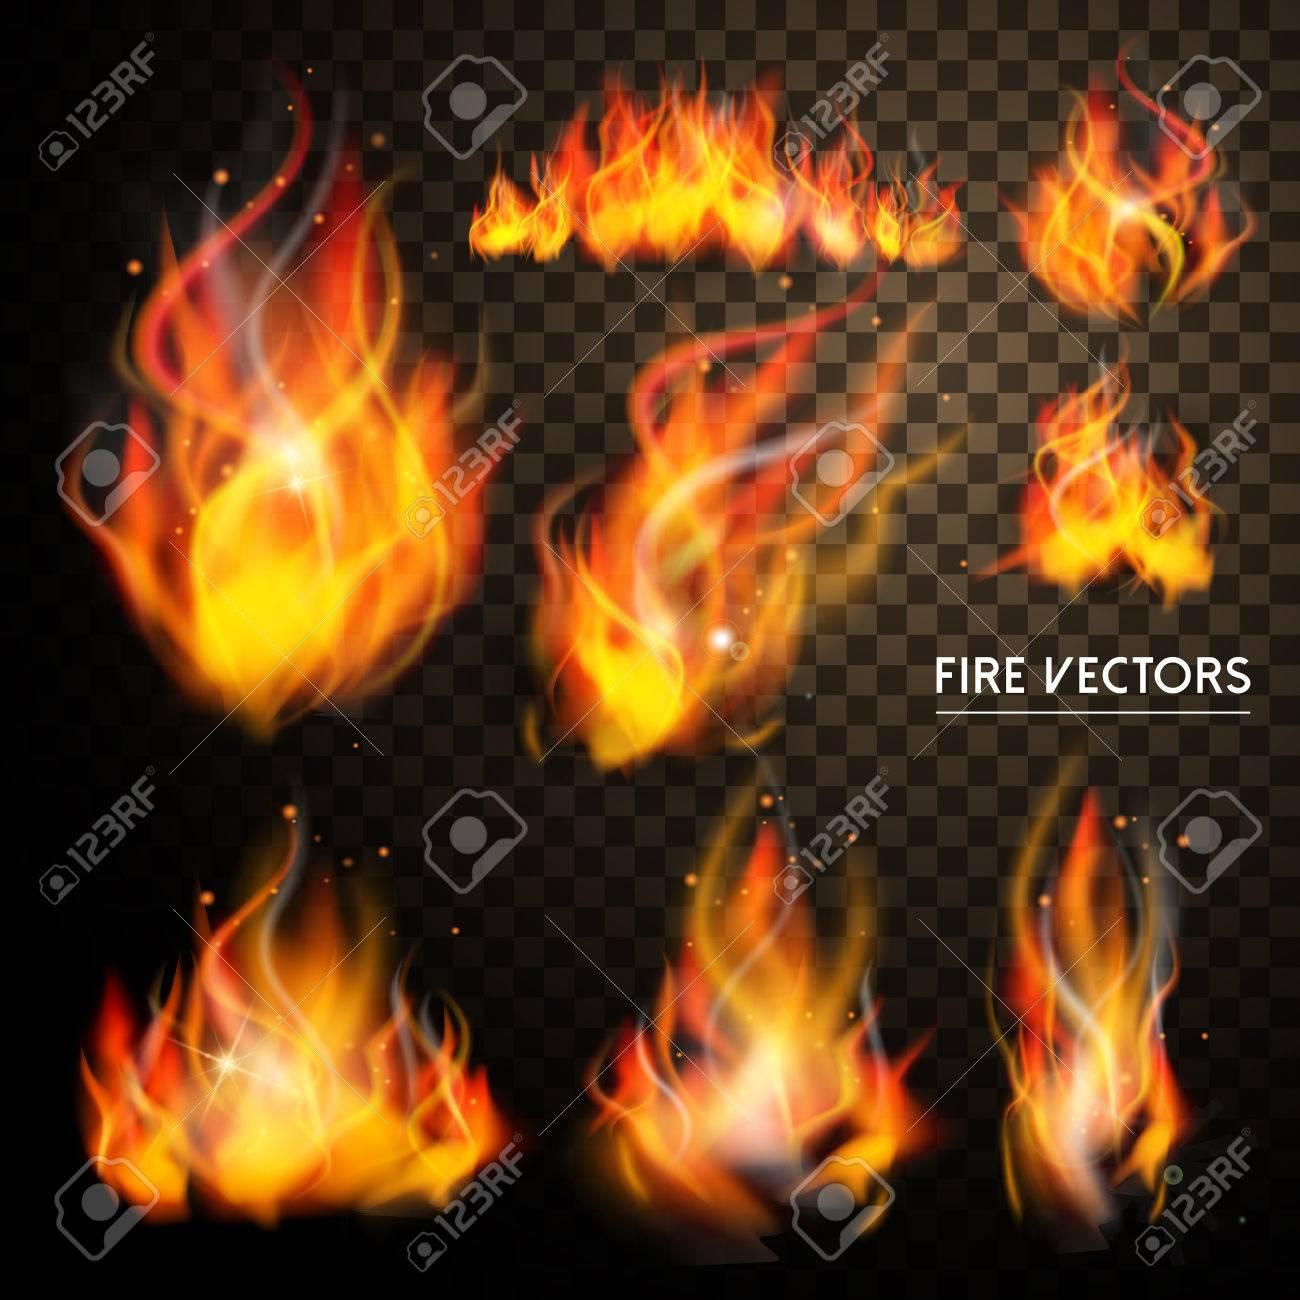 elegant flame elements collection set over transparent background - 49327944